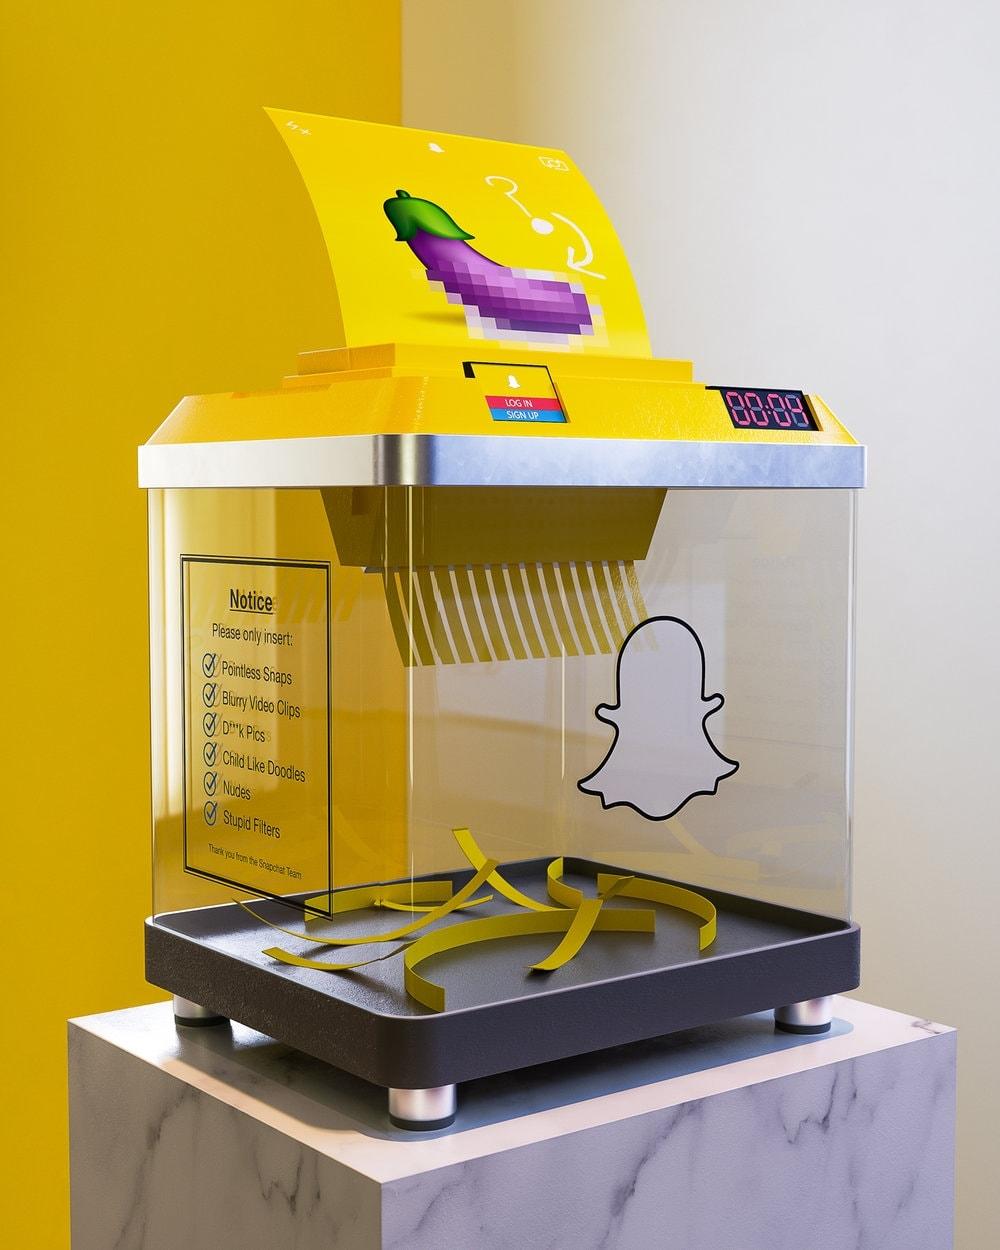 La-realidad-de-las-redes-sociales-serie-de-diseño-3D-Ben-Fearnley